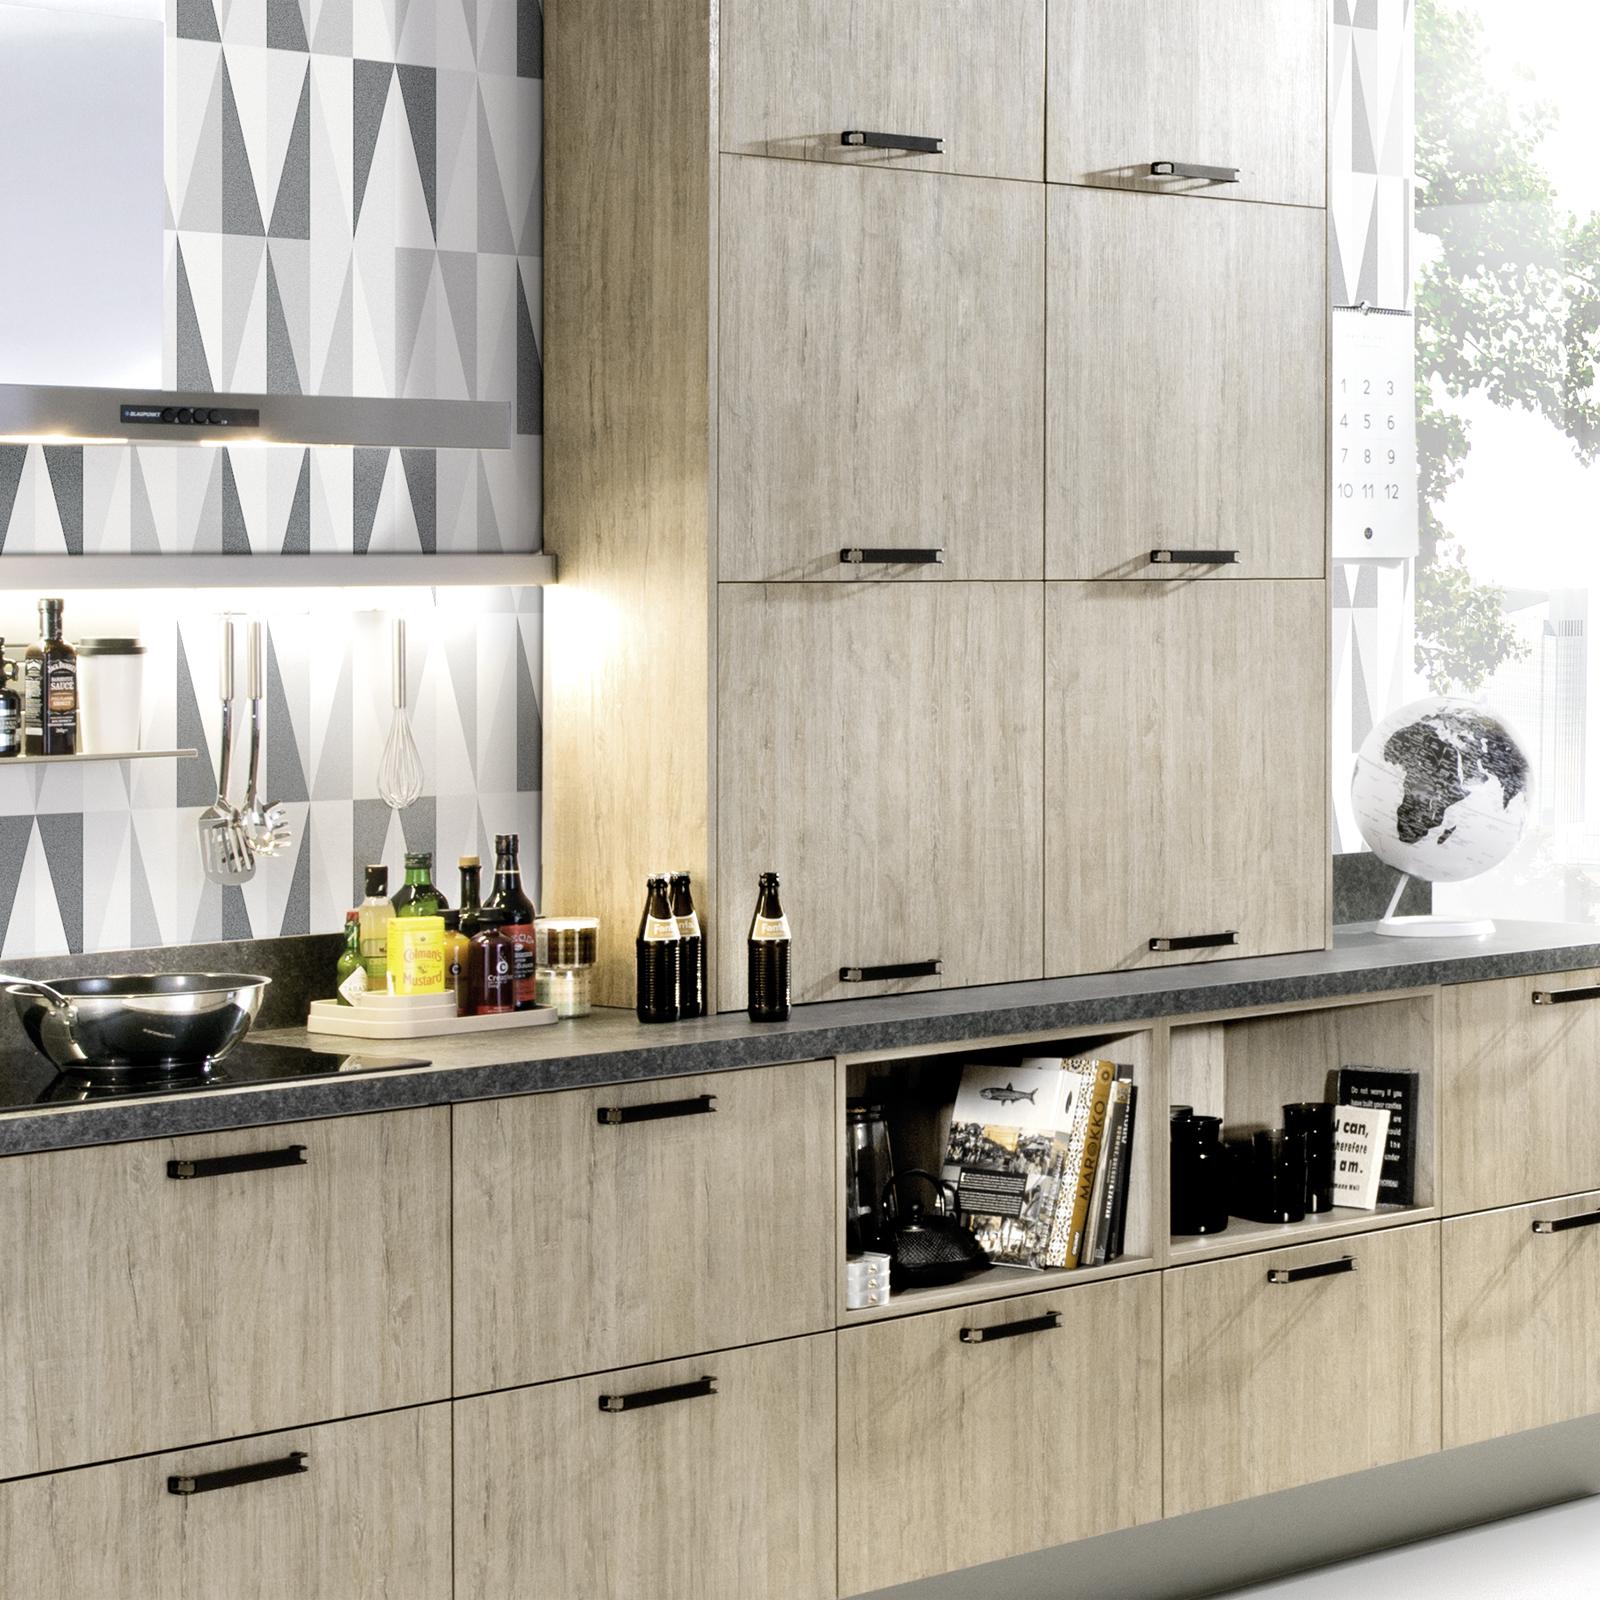 niedlich einschubk rbe f r k chenschr nke zeitgen ssisch die besten wohnideen. Black Bedroom Furniture Sets. Home Design Ideas